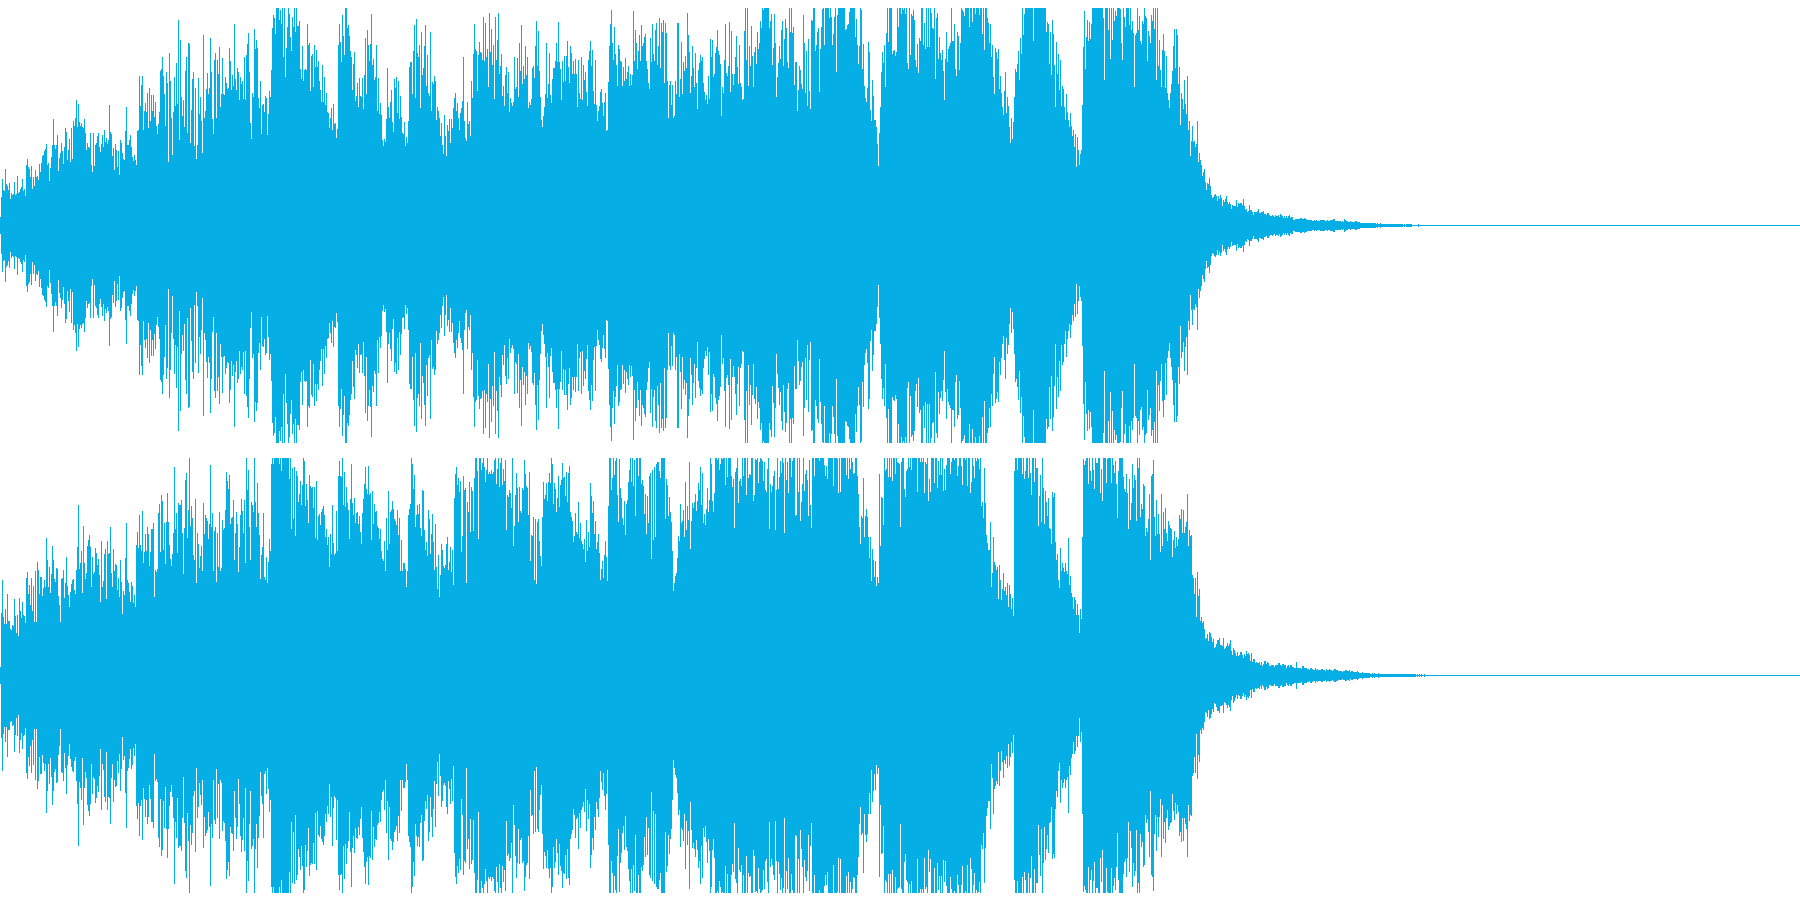 うれしいファンファーレ ジングル約10秒の再生済みの波形